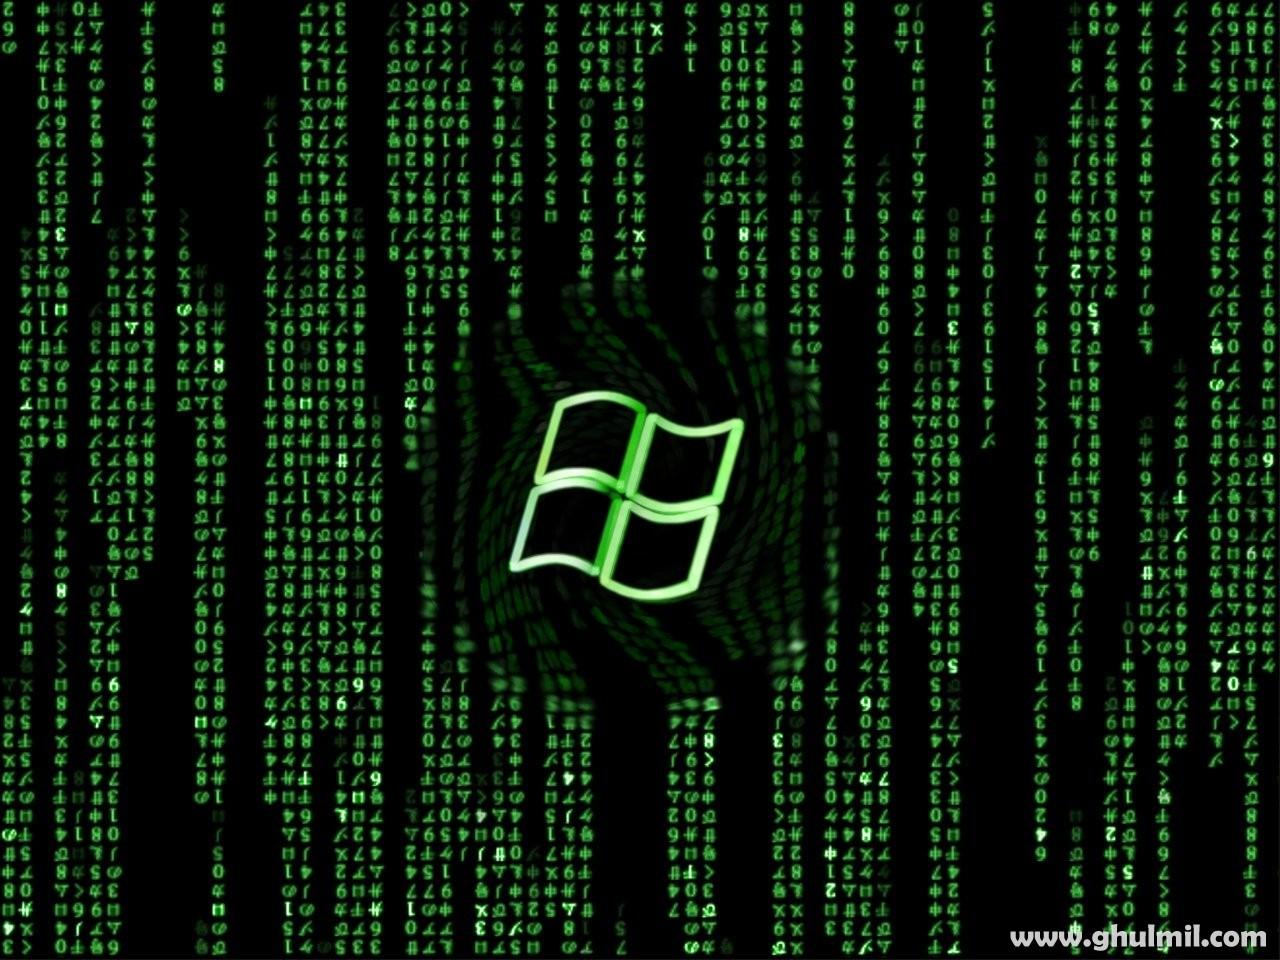 Hack Wallpaper Hd Wallpapersafari